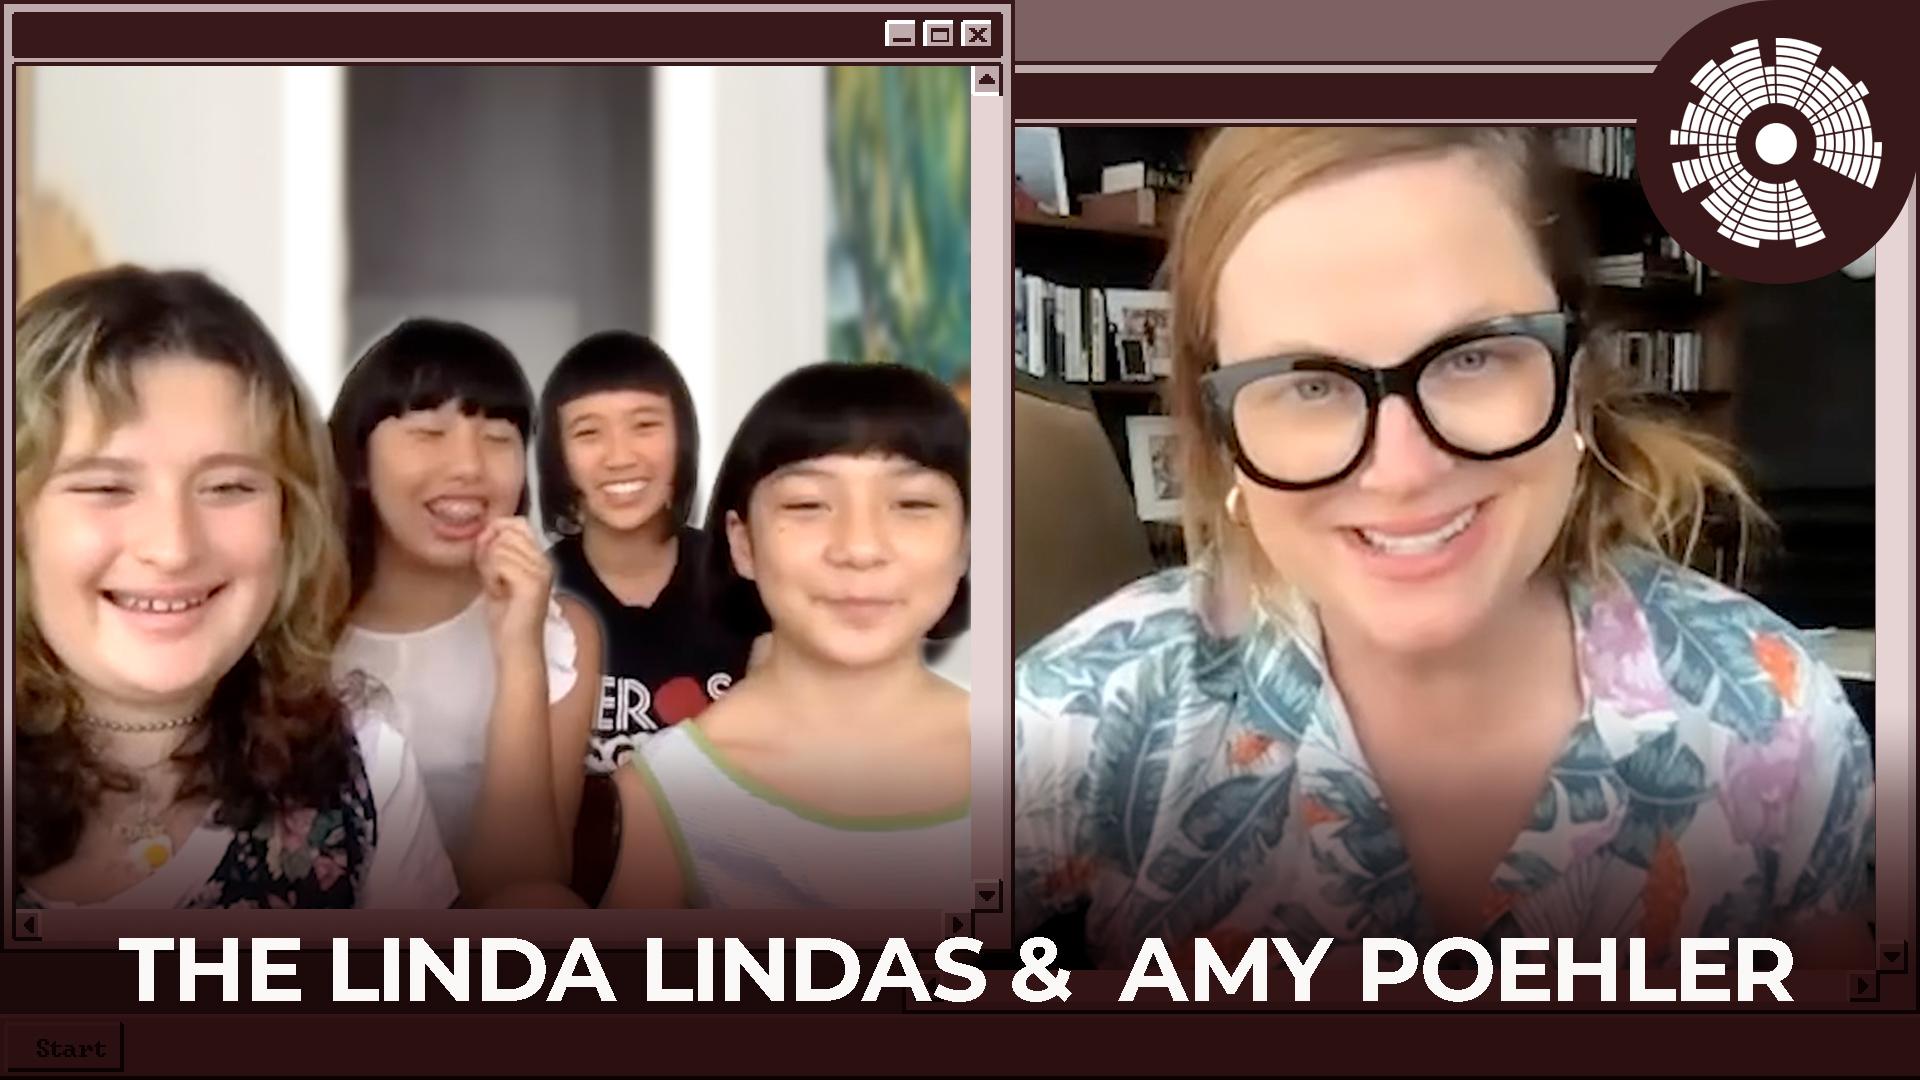 Peer 2 Peer: Amy Poehler and The Linda Lindas Talk Moxie Memories, Artistic Growth & More